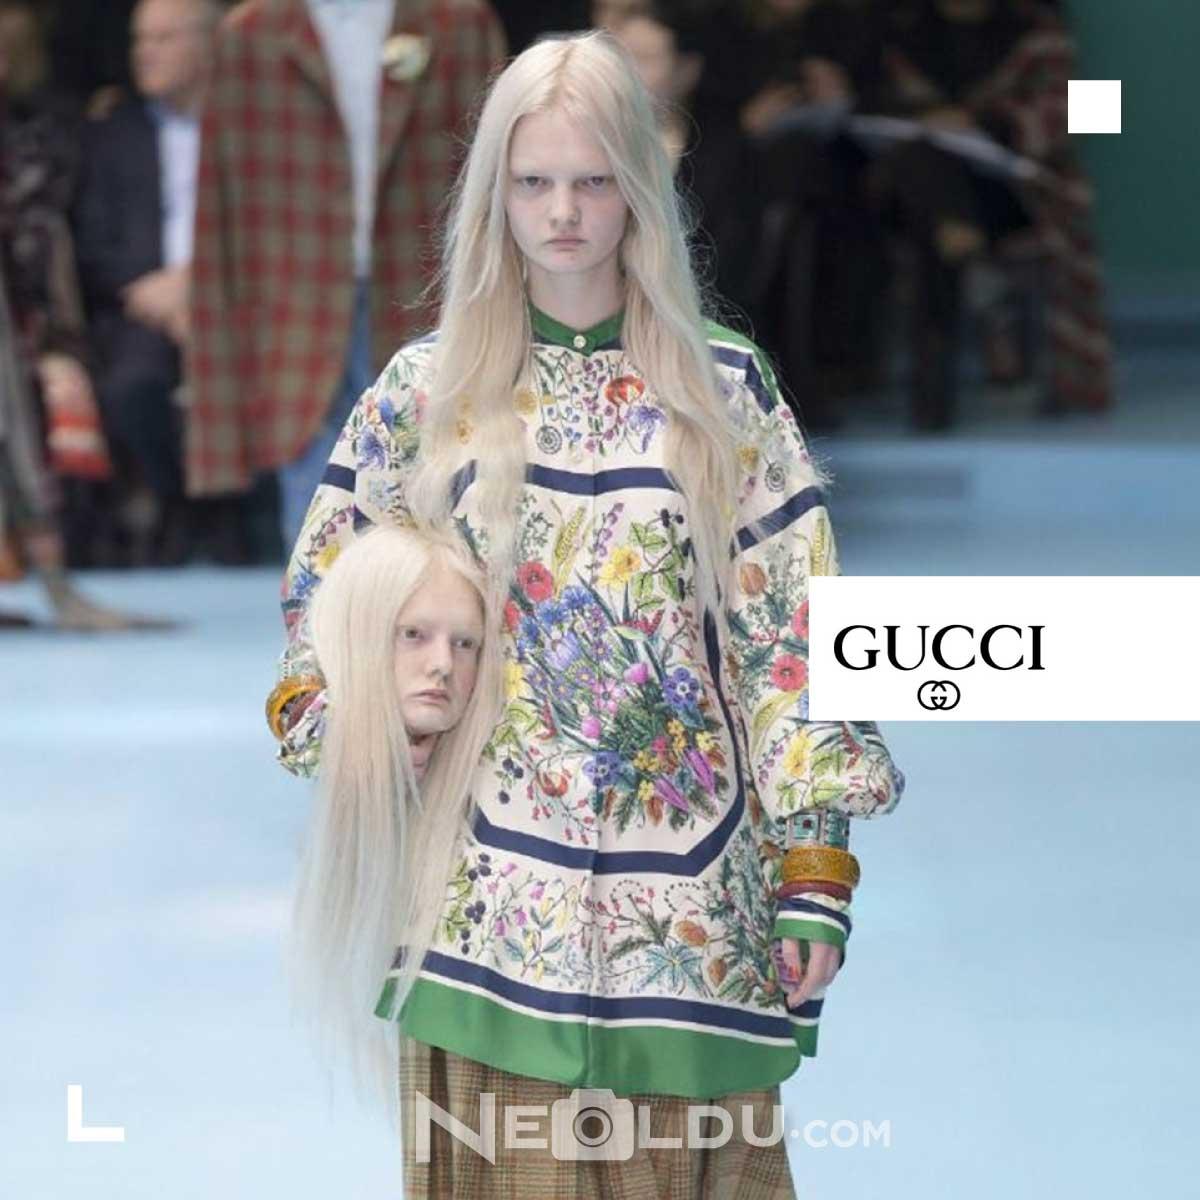 En iyi Moda Markaları